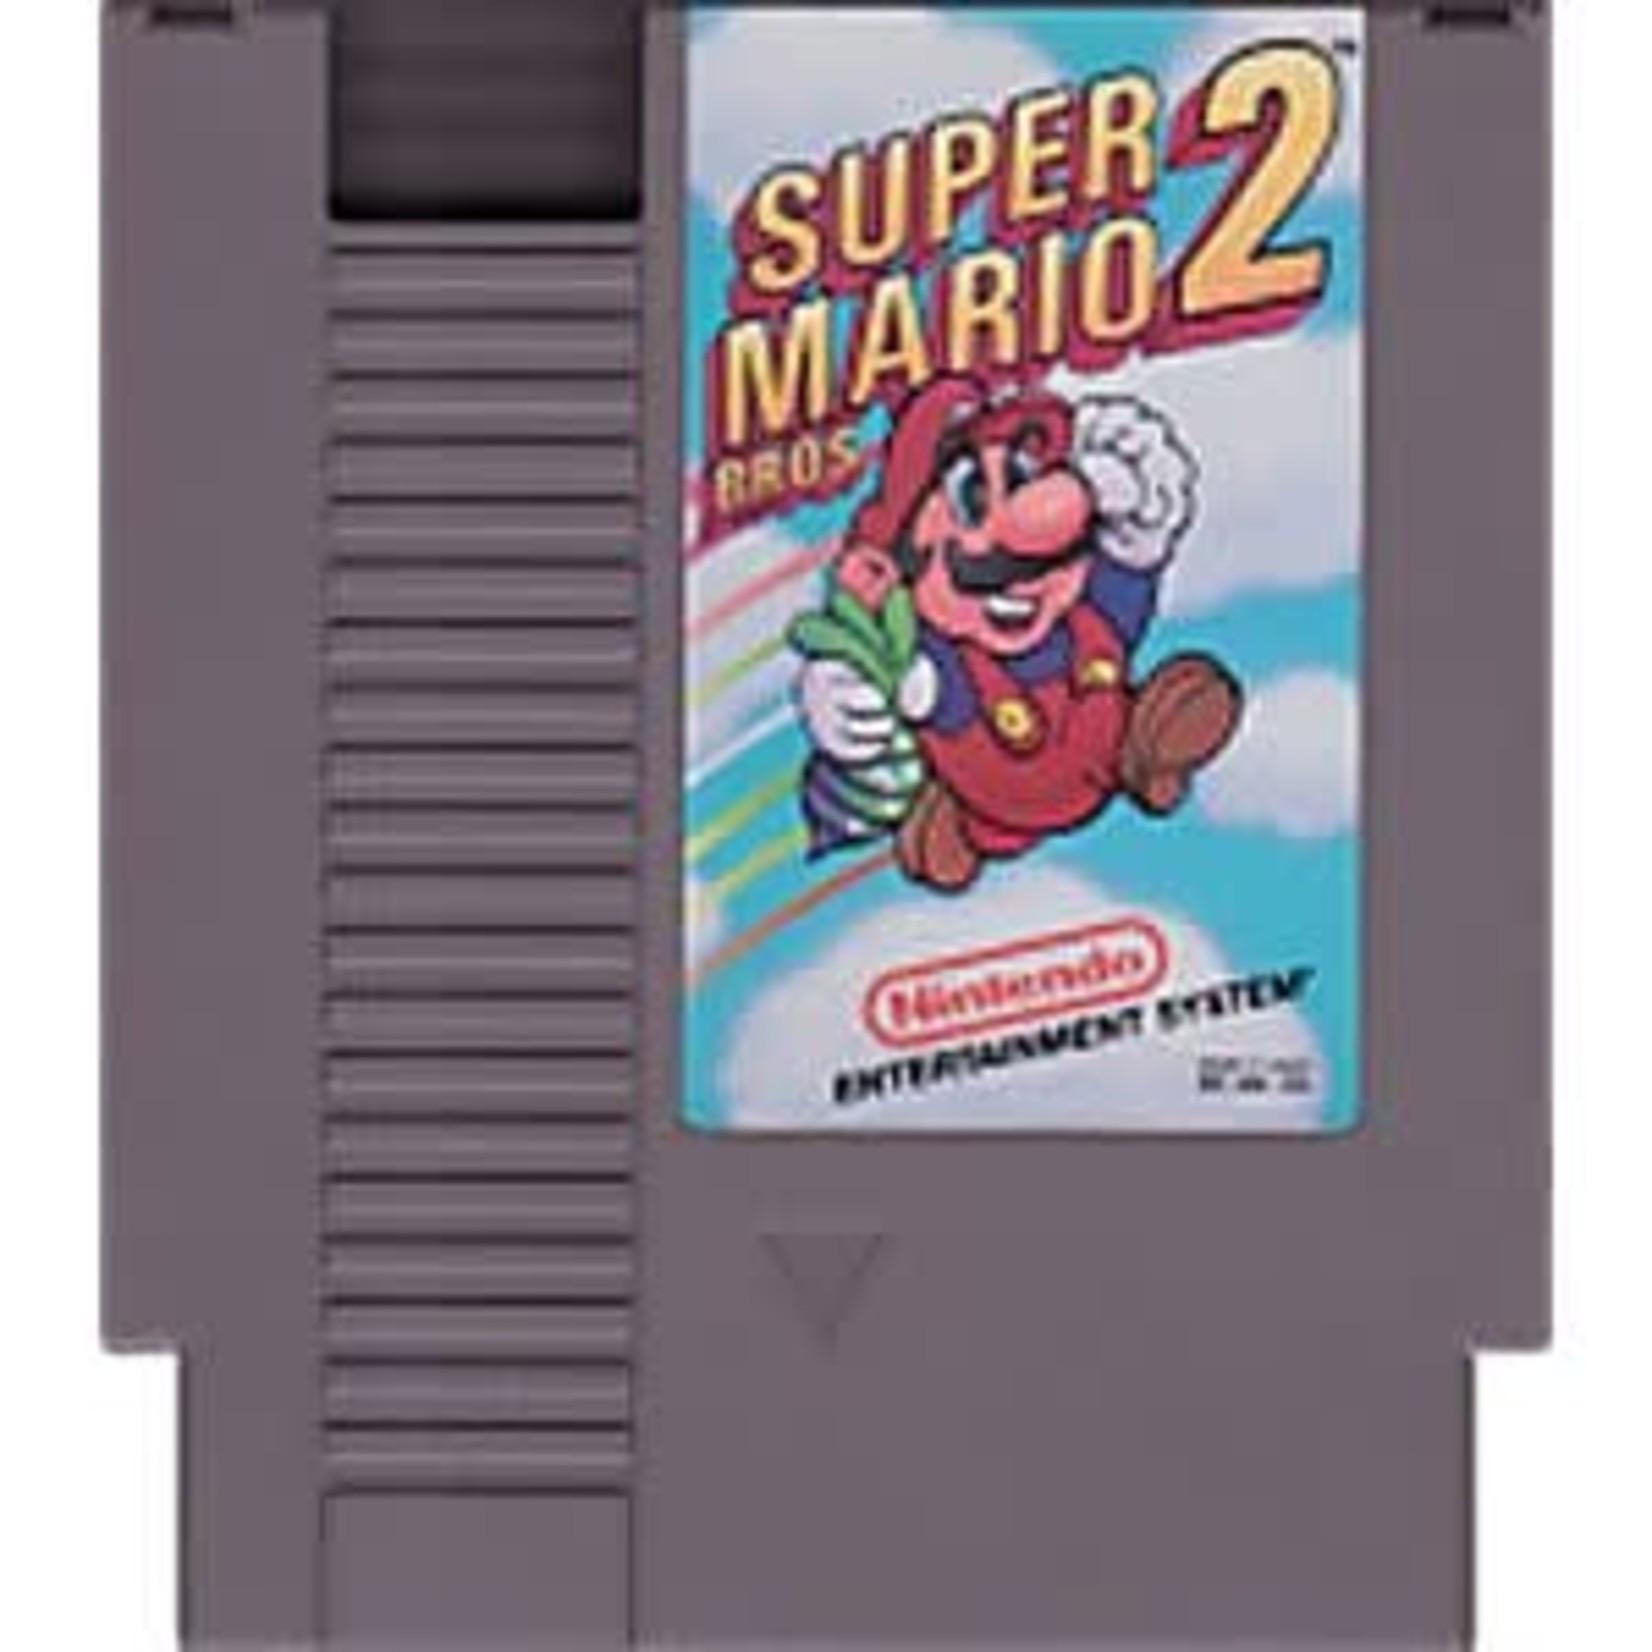 Super Mario Bros 2 (NES)